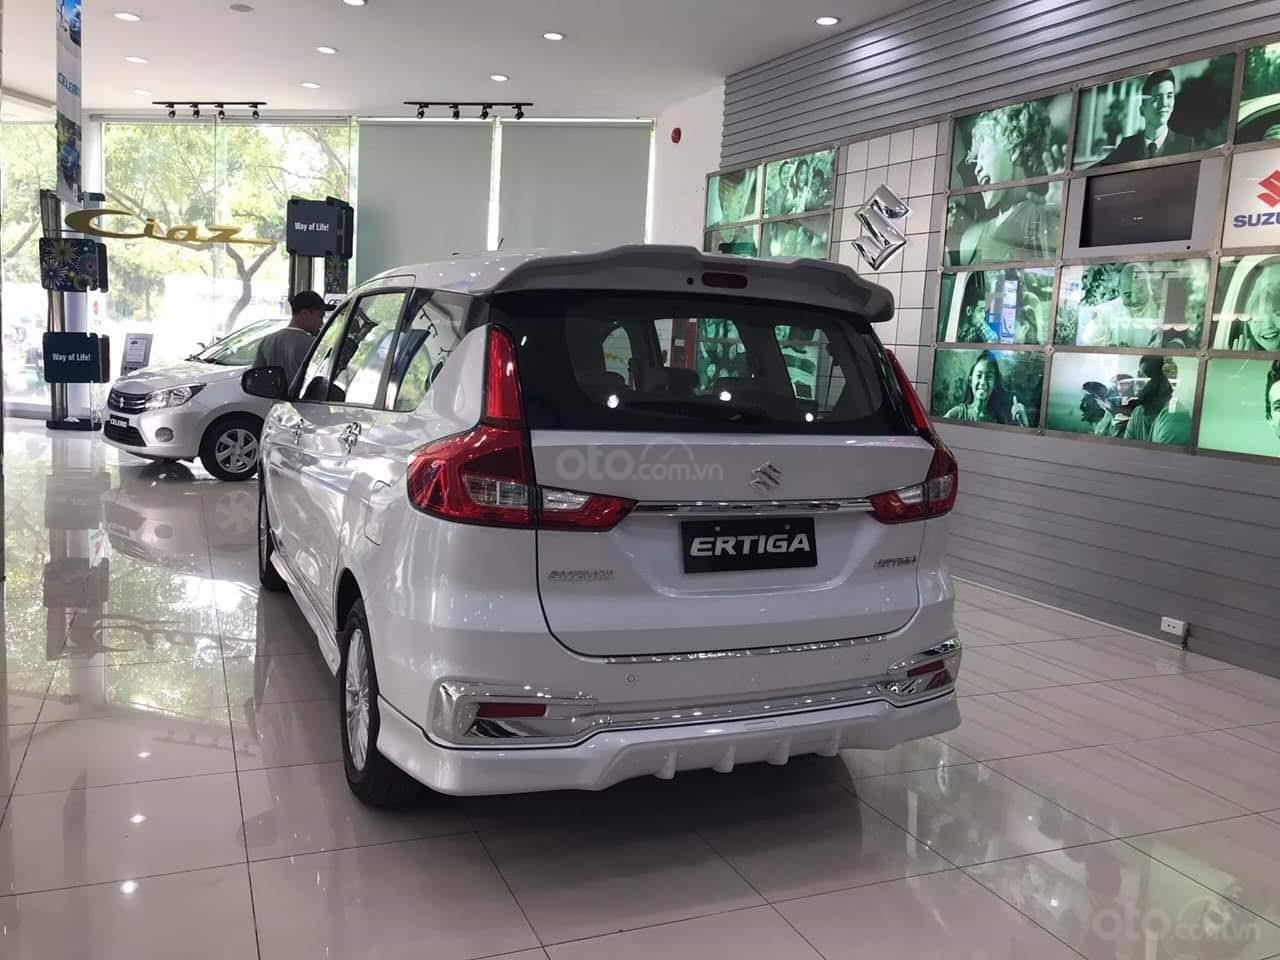 Bán Suzuki Ertiga 2019, 7 chỗ, nhập khẩu, hiện đại và tinh tế. Gía tốt liên hệ 0936342286 (4)